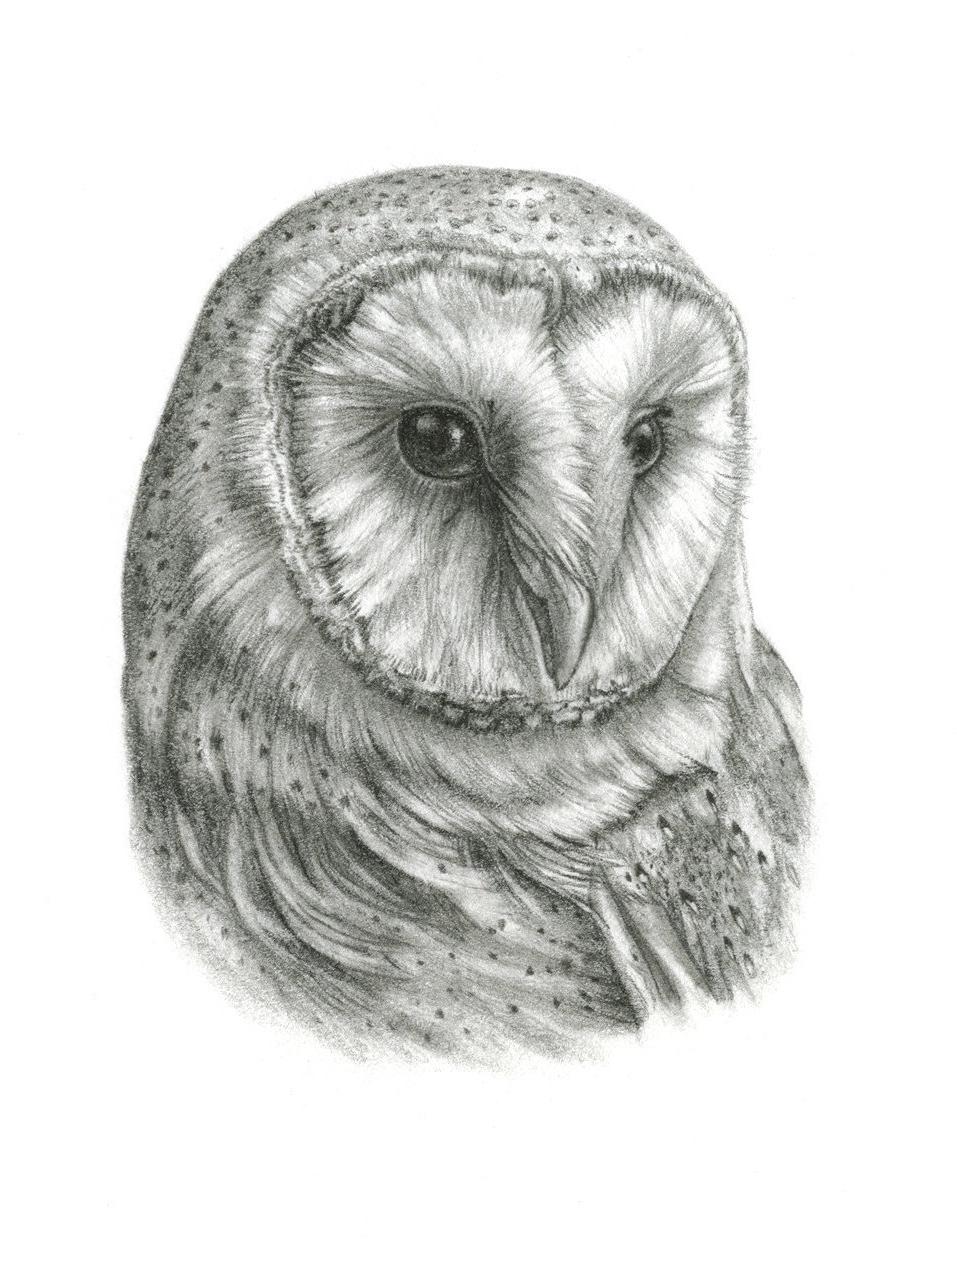 Popular Framed Original Barn Owl Drawingthebriarartshop On Etsy (View 12 of 15)